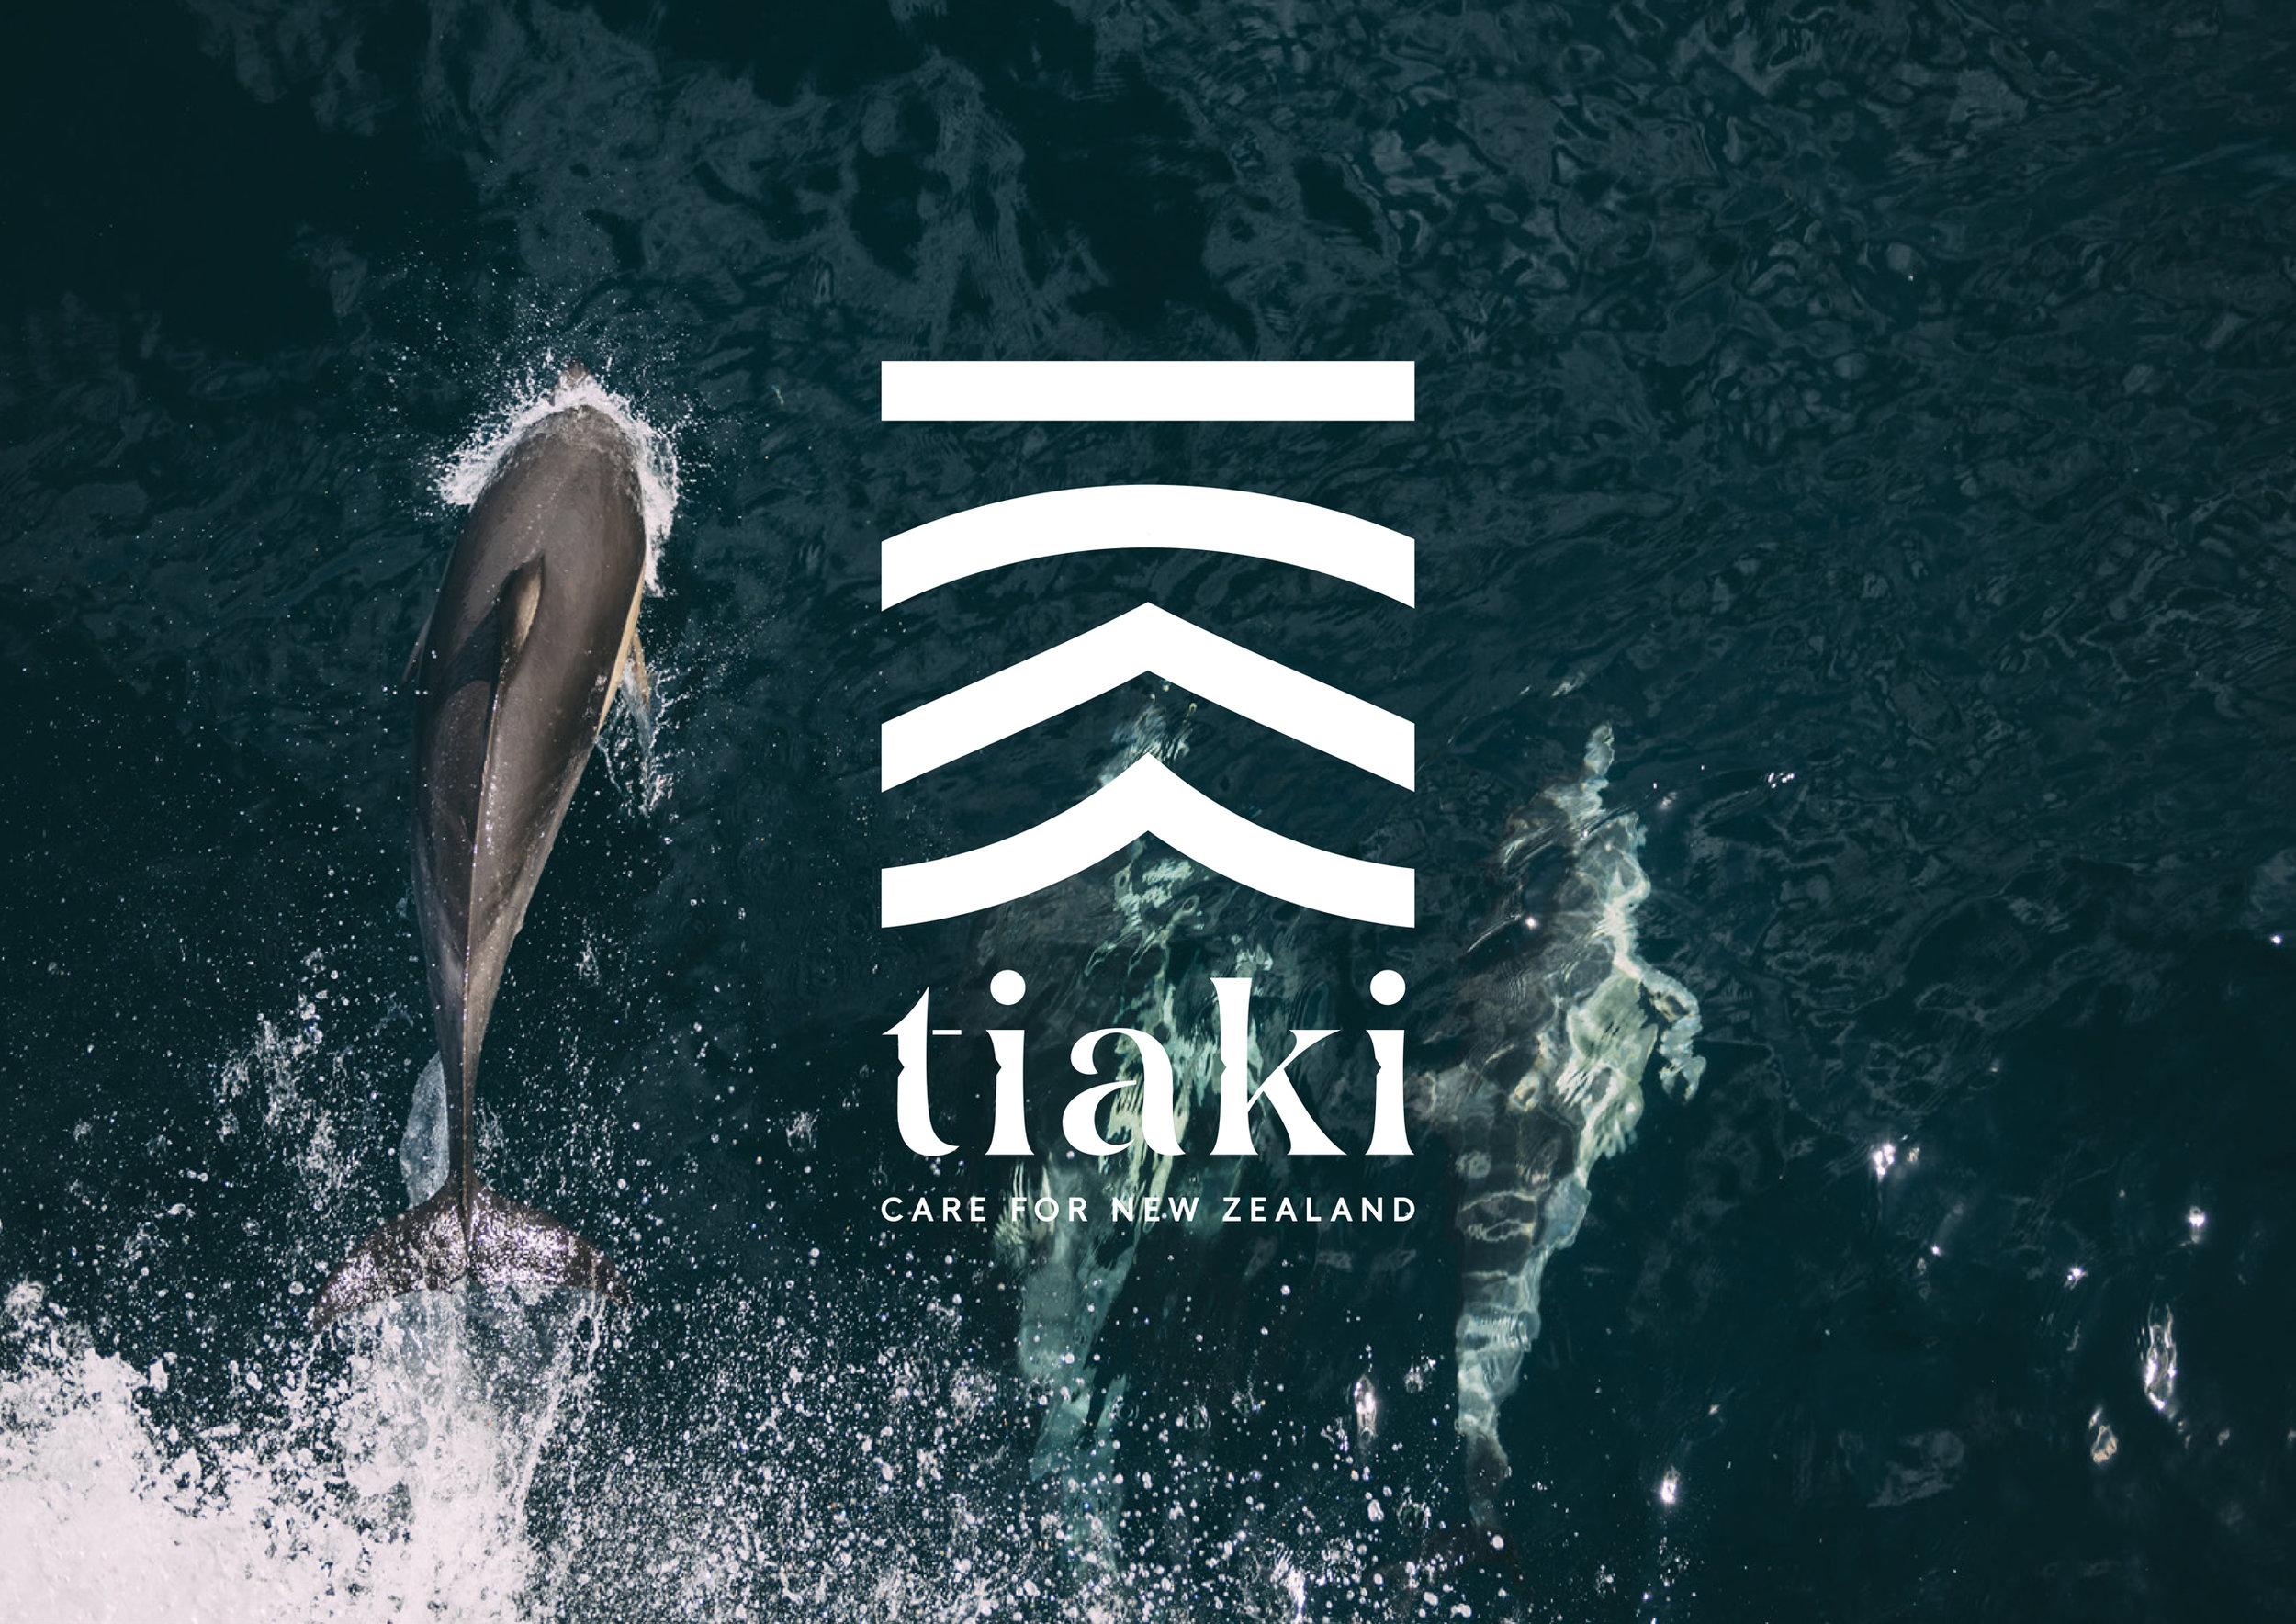 Tiaki-Promise-Design-Works-Lola-Photography-7.jpg